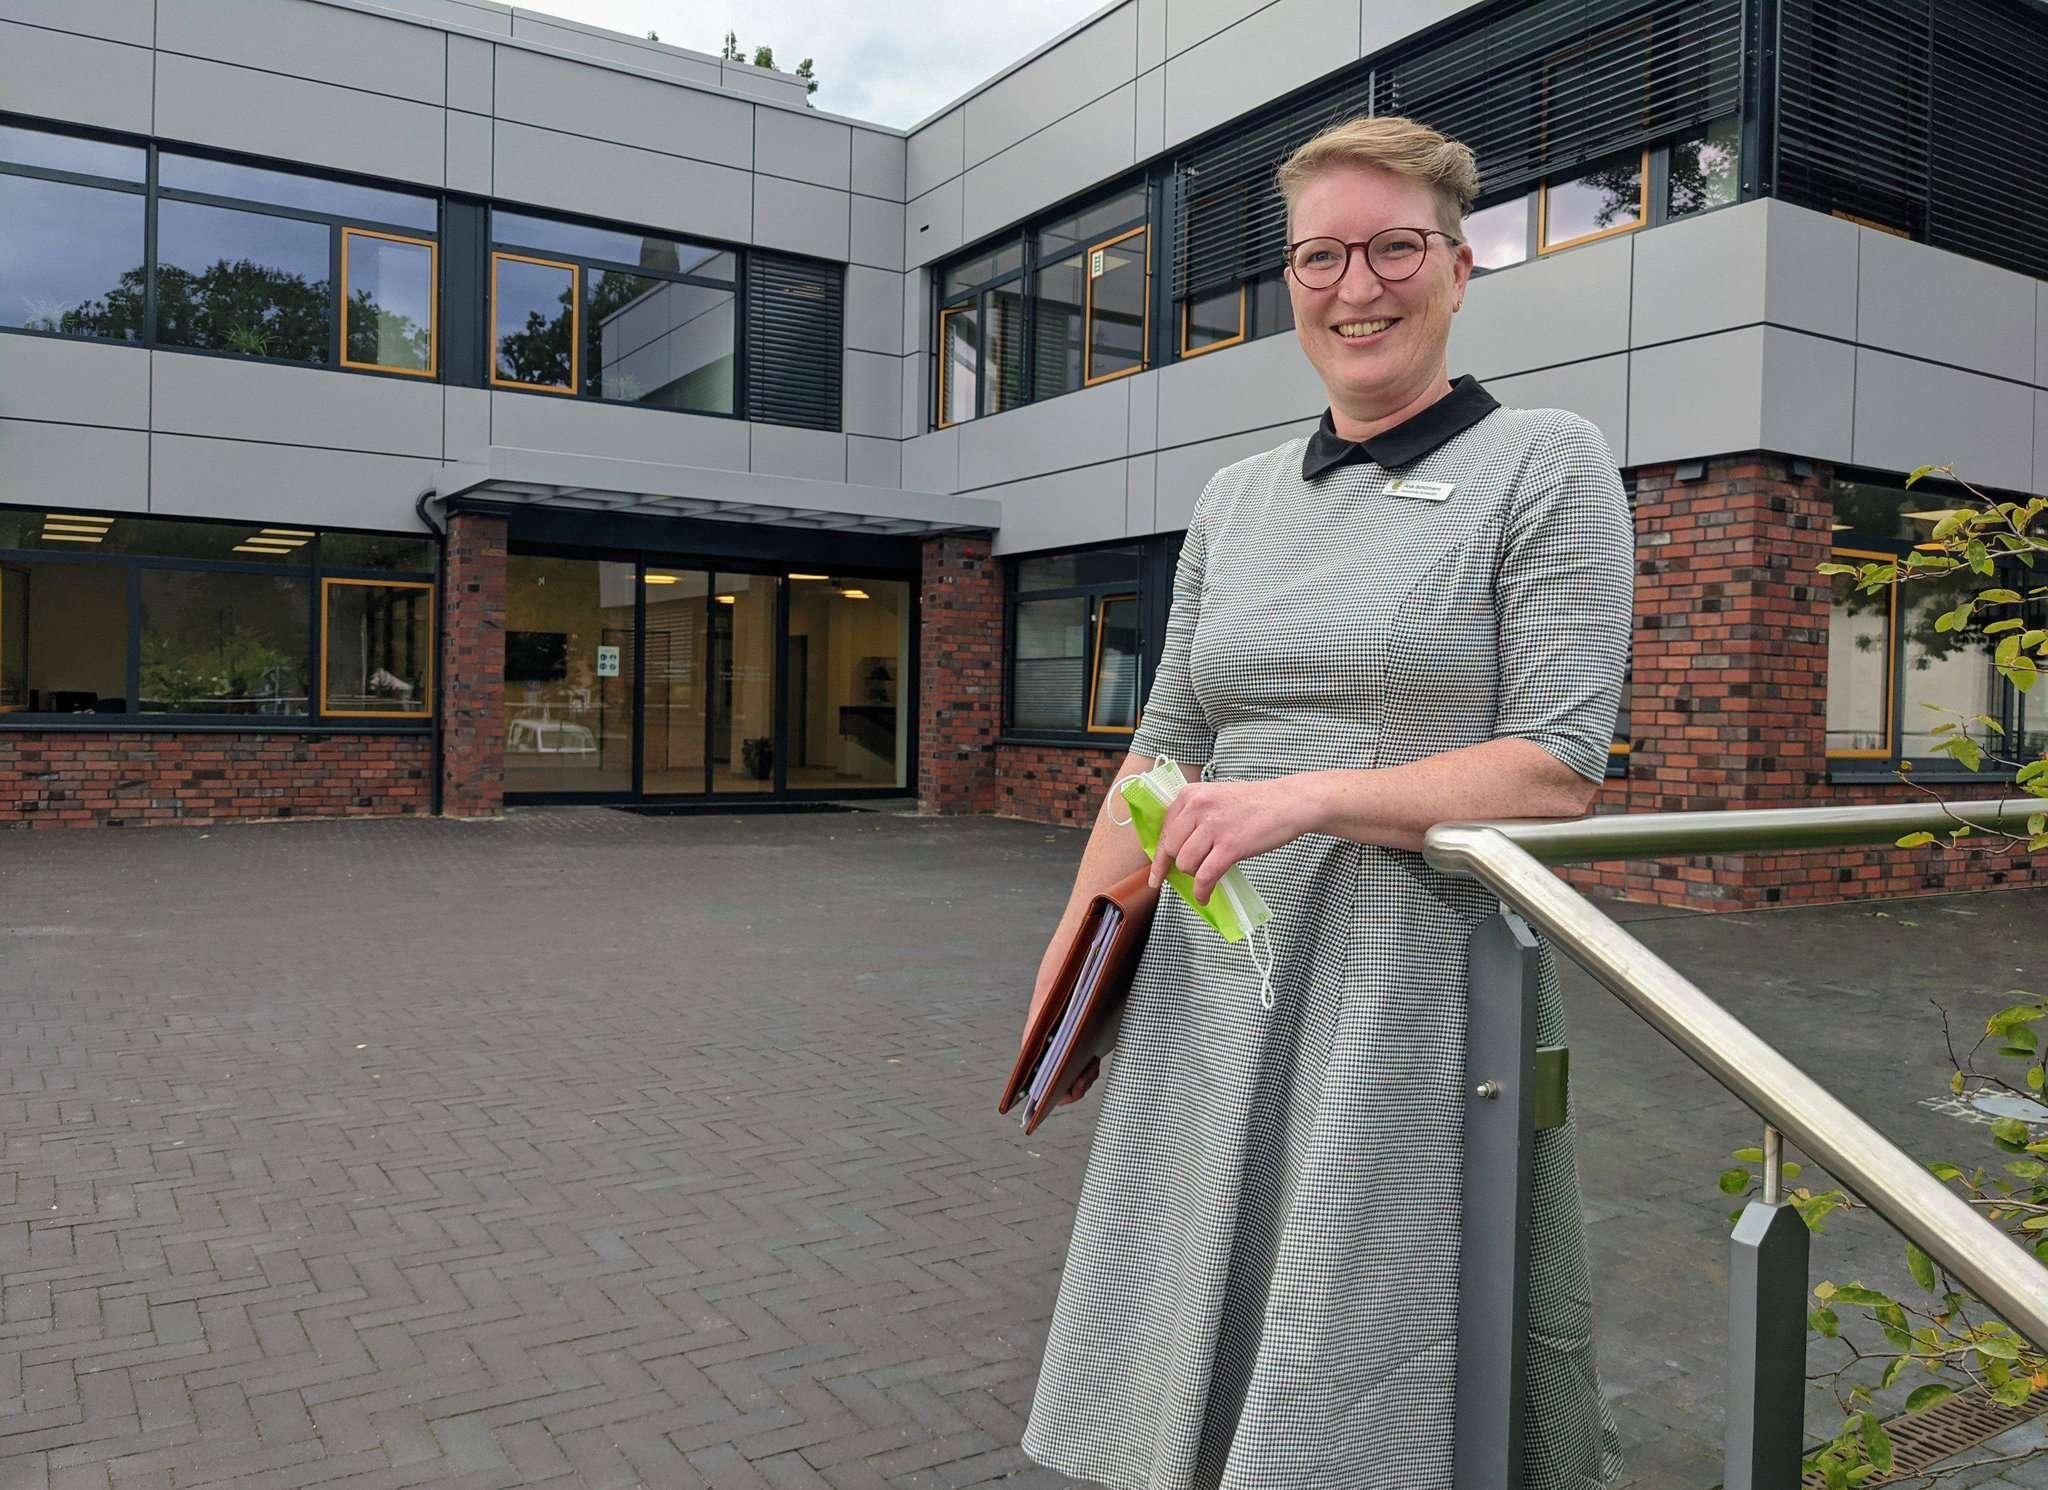 Anja Schürmann arbeitet als Integrationsbeauftragte bei der Gemeinde Scheeßel. Als solche richtet sie sich jetzt mit einer Bitte an die Öffentlichkeit: